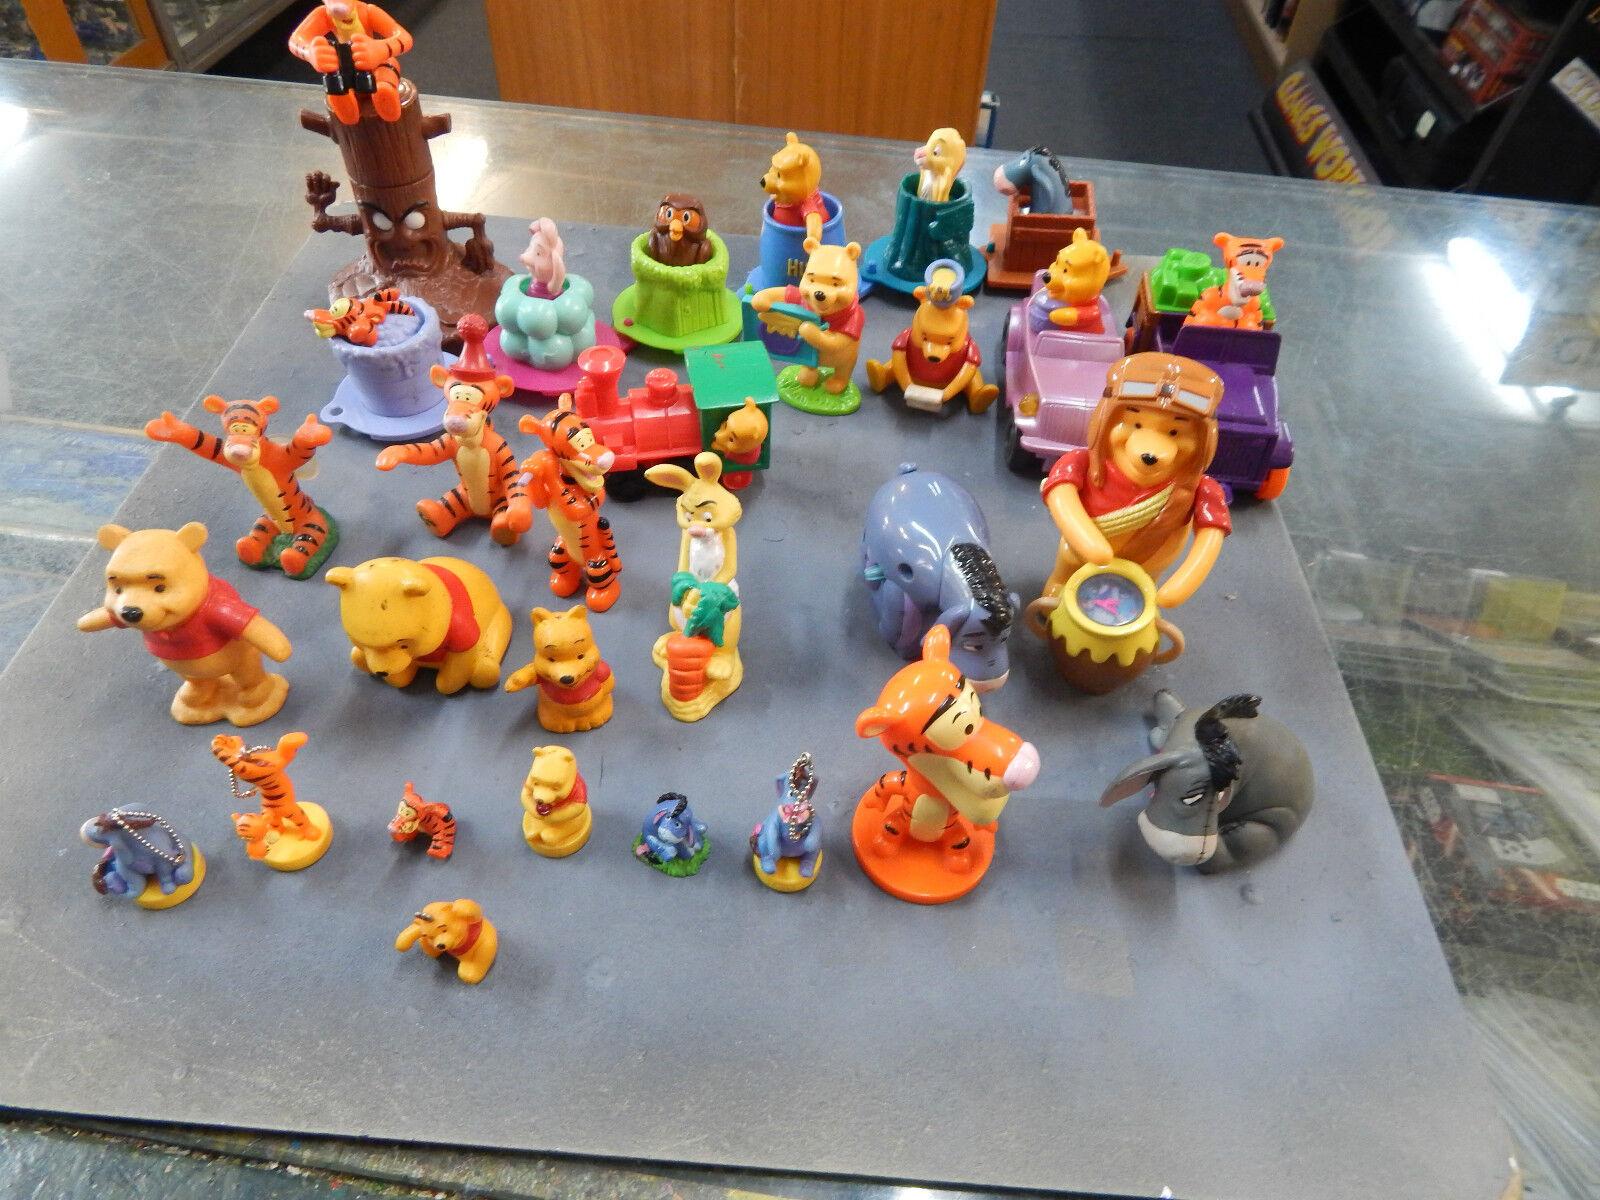 Winnie Winnie Winnie the Pooh various figurines - 30 in total dd0672